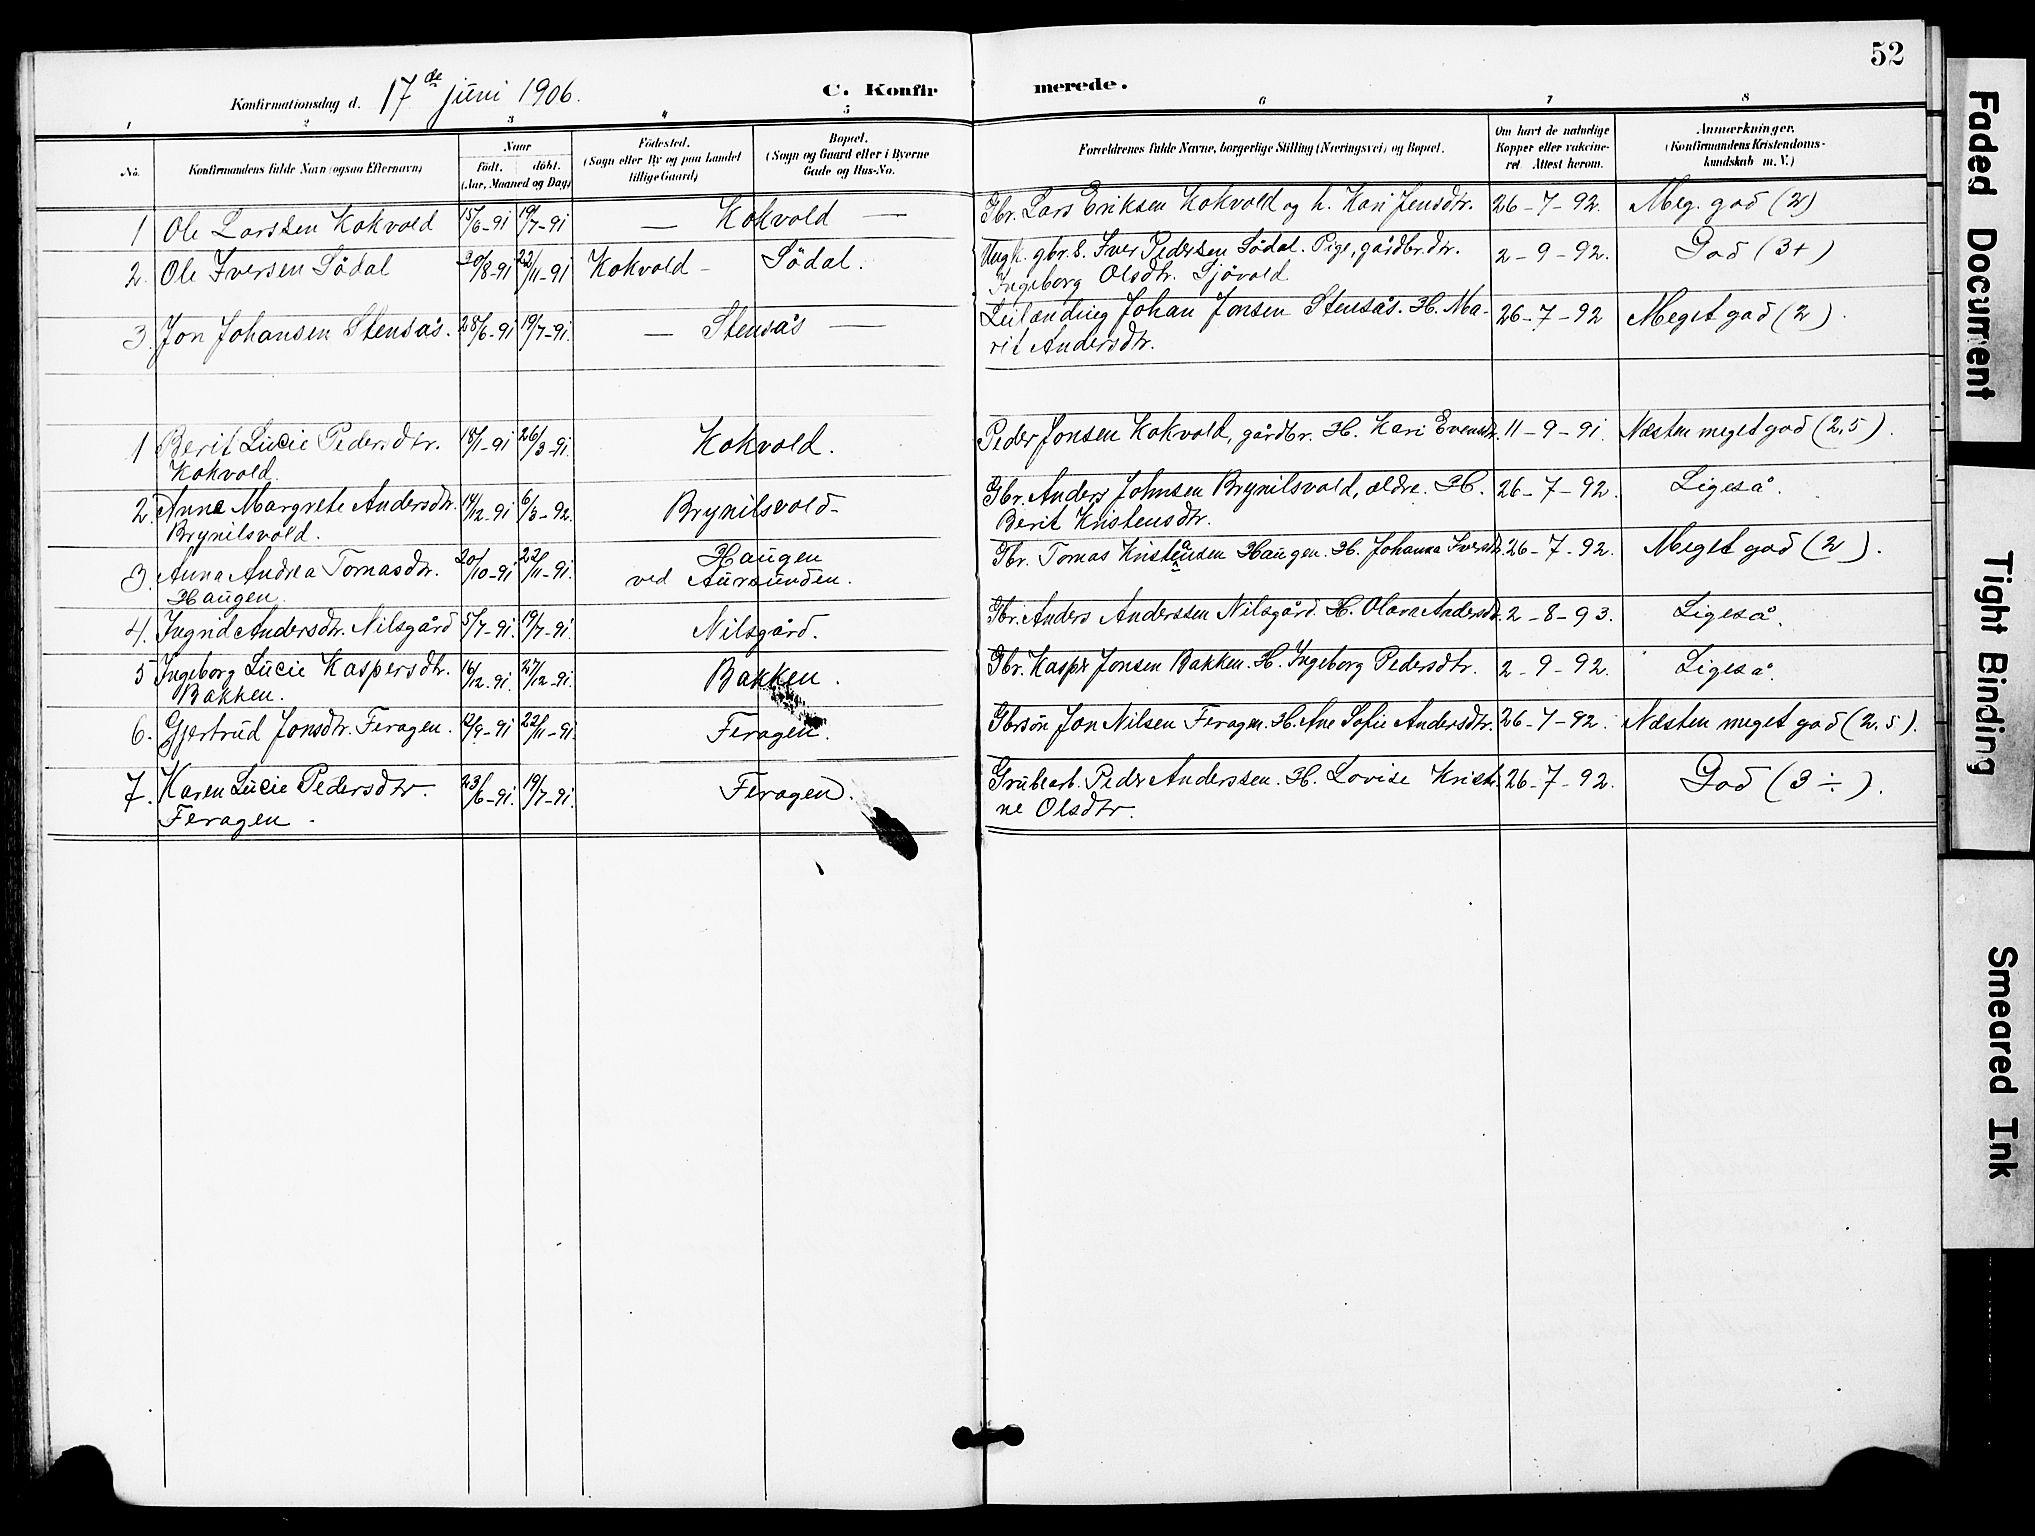 SAT, Ministerialprotokoller, klokkerbøker og fødselsregistre - Sør-Trøndelag, 683/L0950: Klokkerbok nr. 683C02, 1897-1918, s. 52